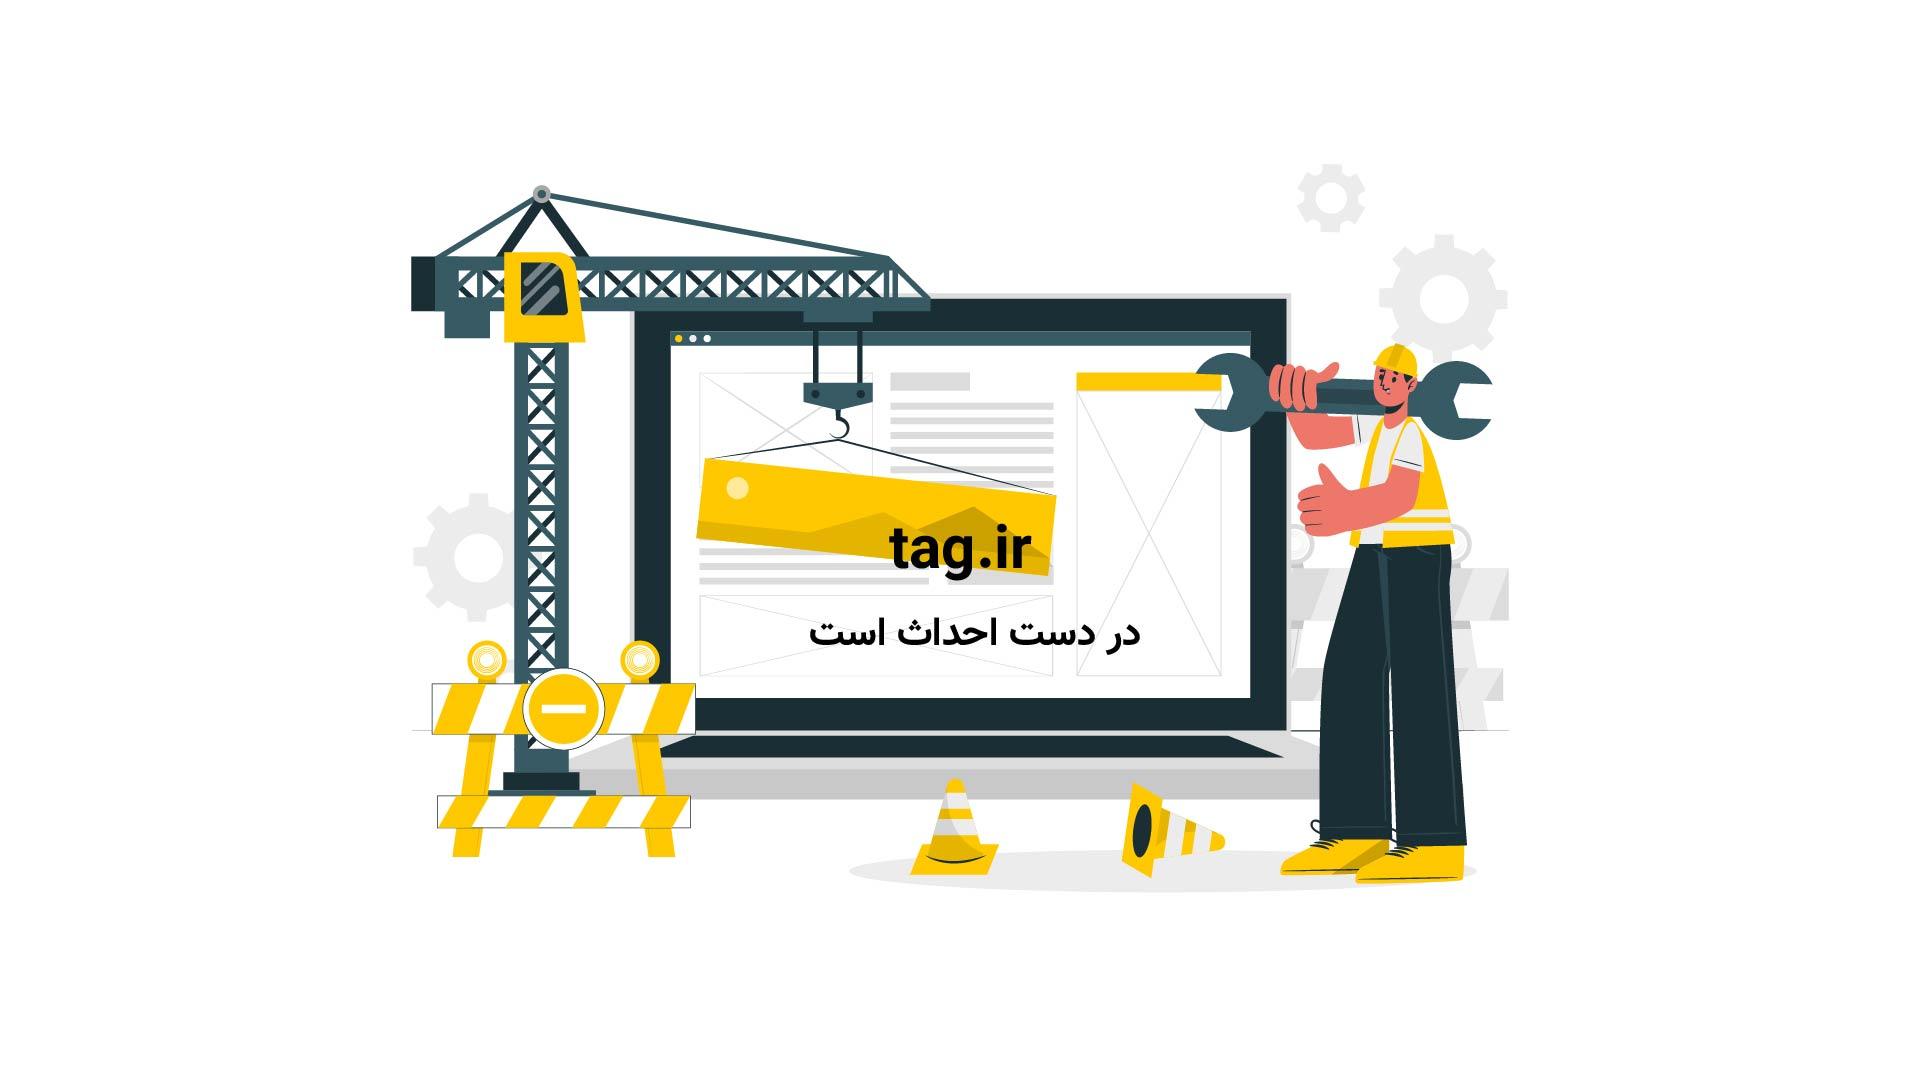 تداوم خشونتها در حومه پاریس